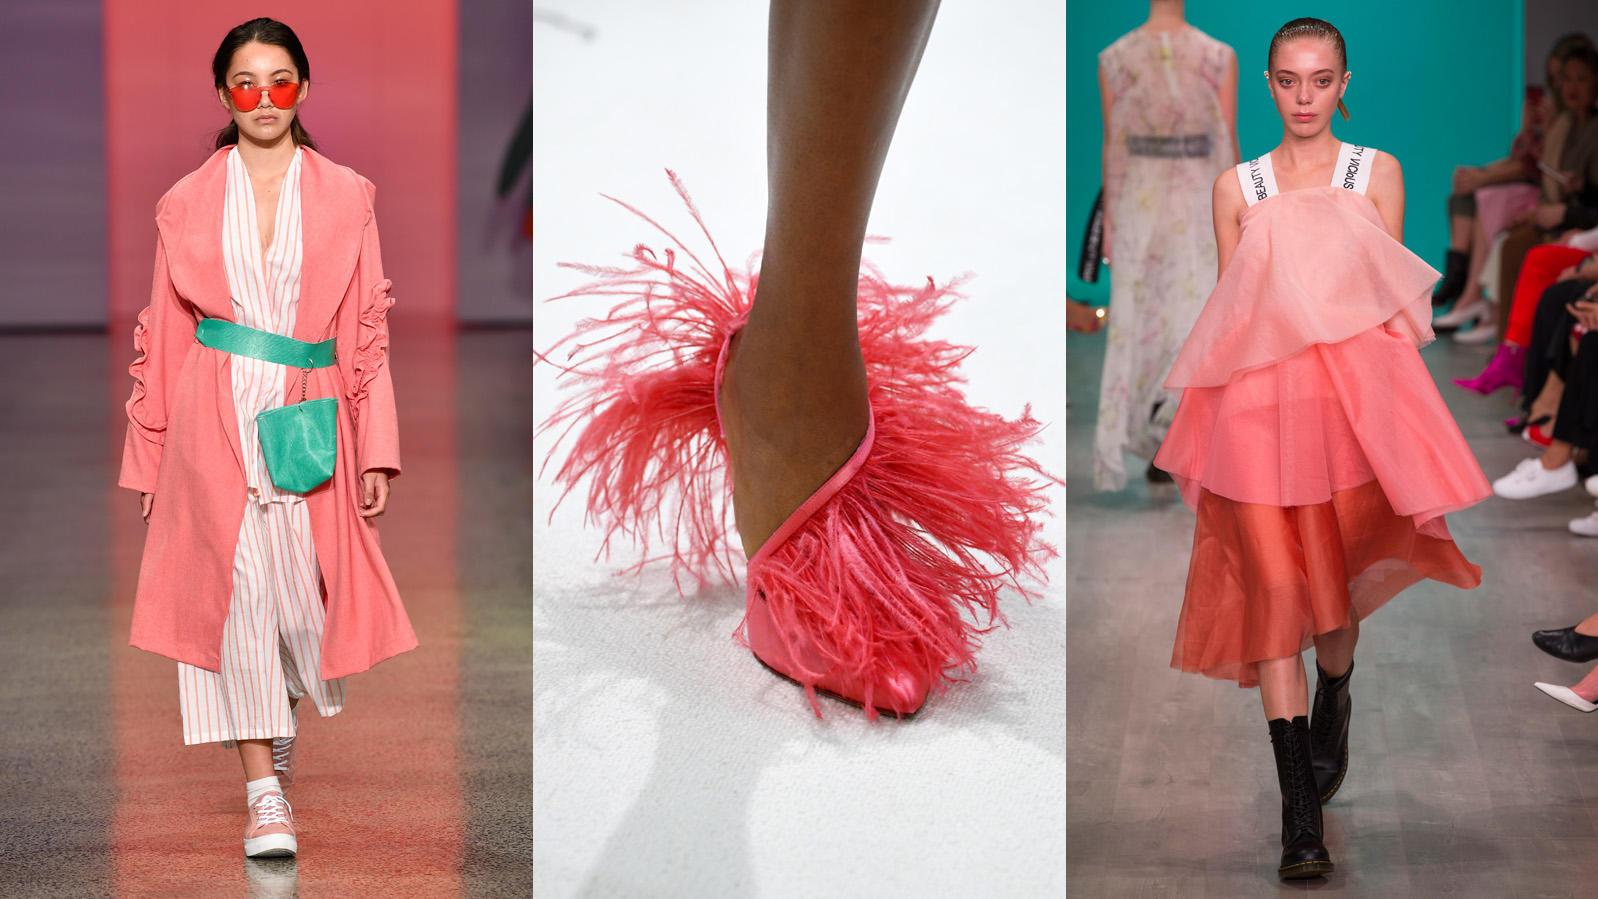 """""""Living Coral"""" eroberte bei der Fashion Week die Laufstege und wird uns 2019 als Trendfarbe begleiten. (Bilder von den Shows von New Generation, Giambattista Valli und Akira)"""